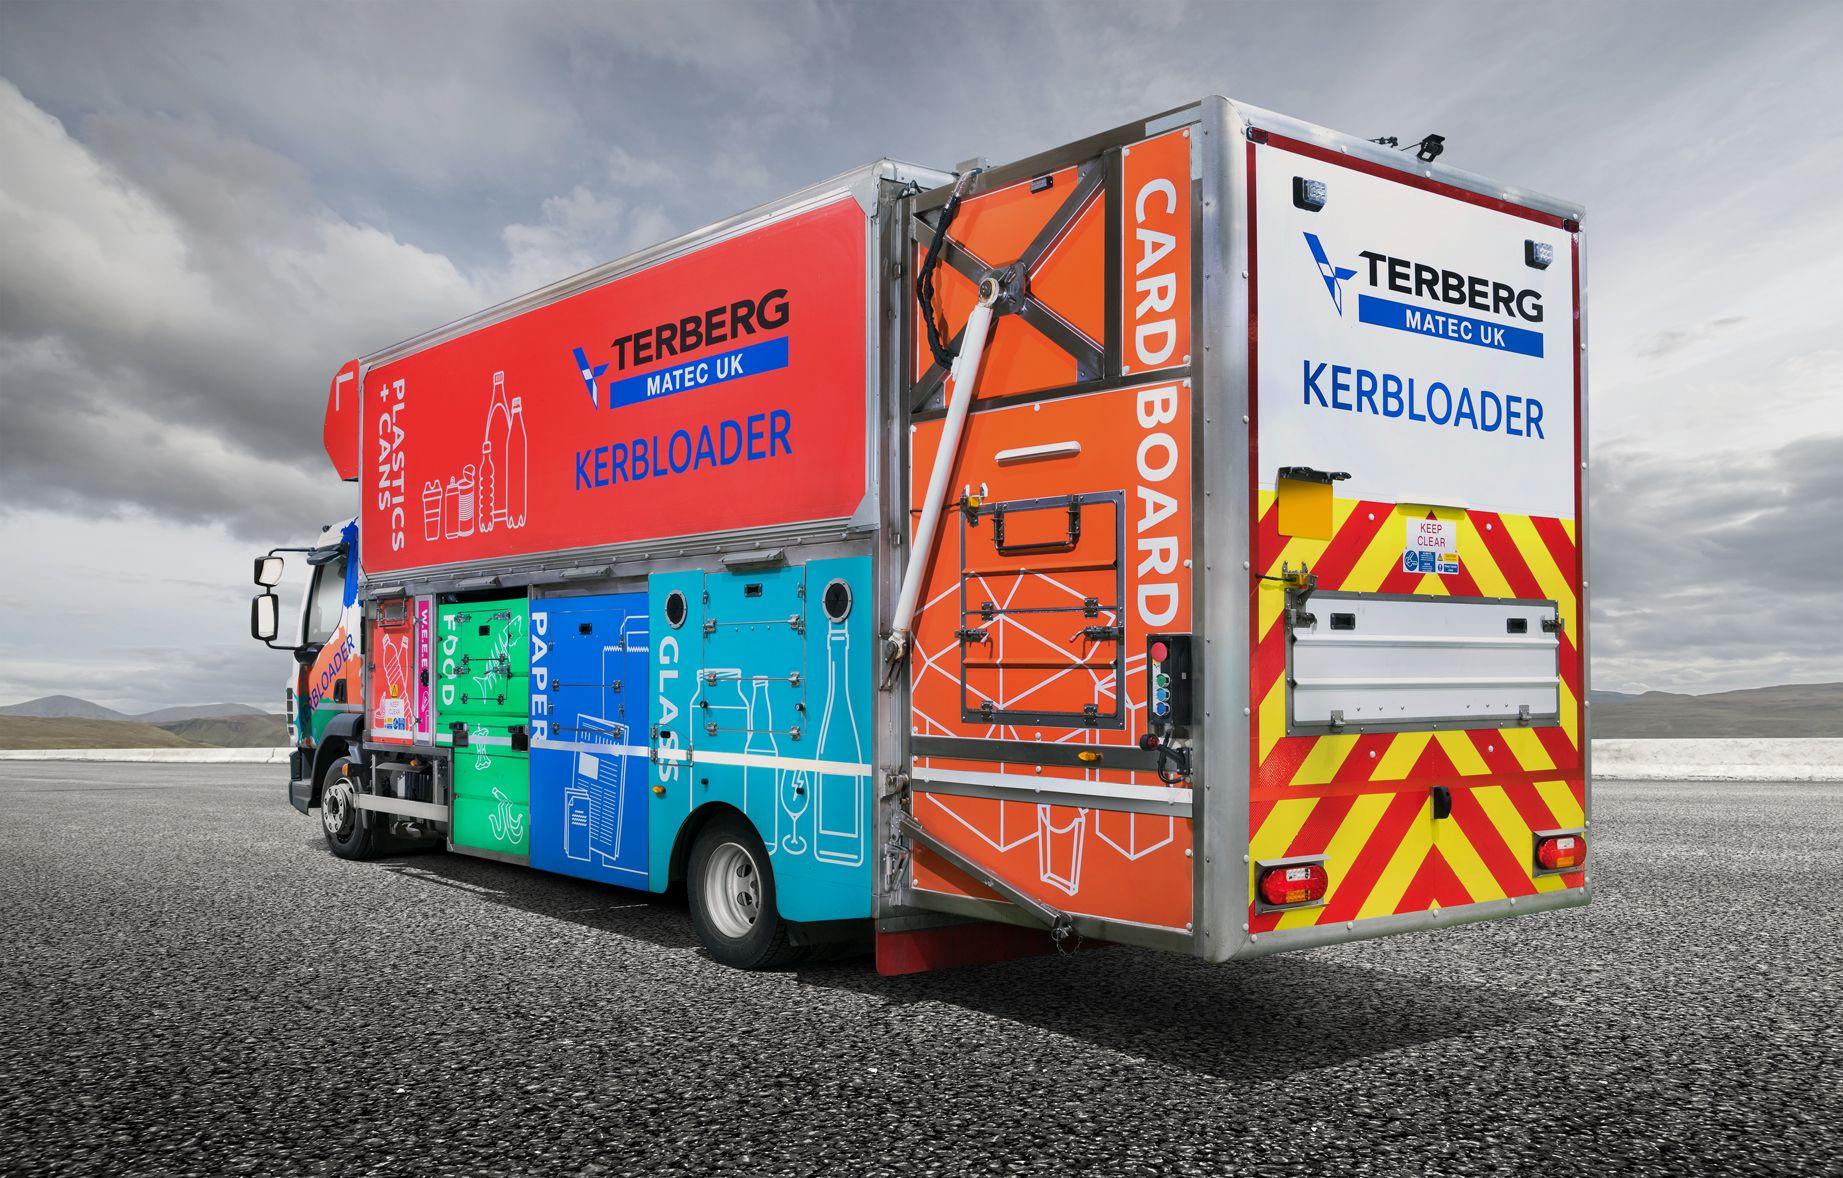 Terberg Matec UK